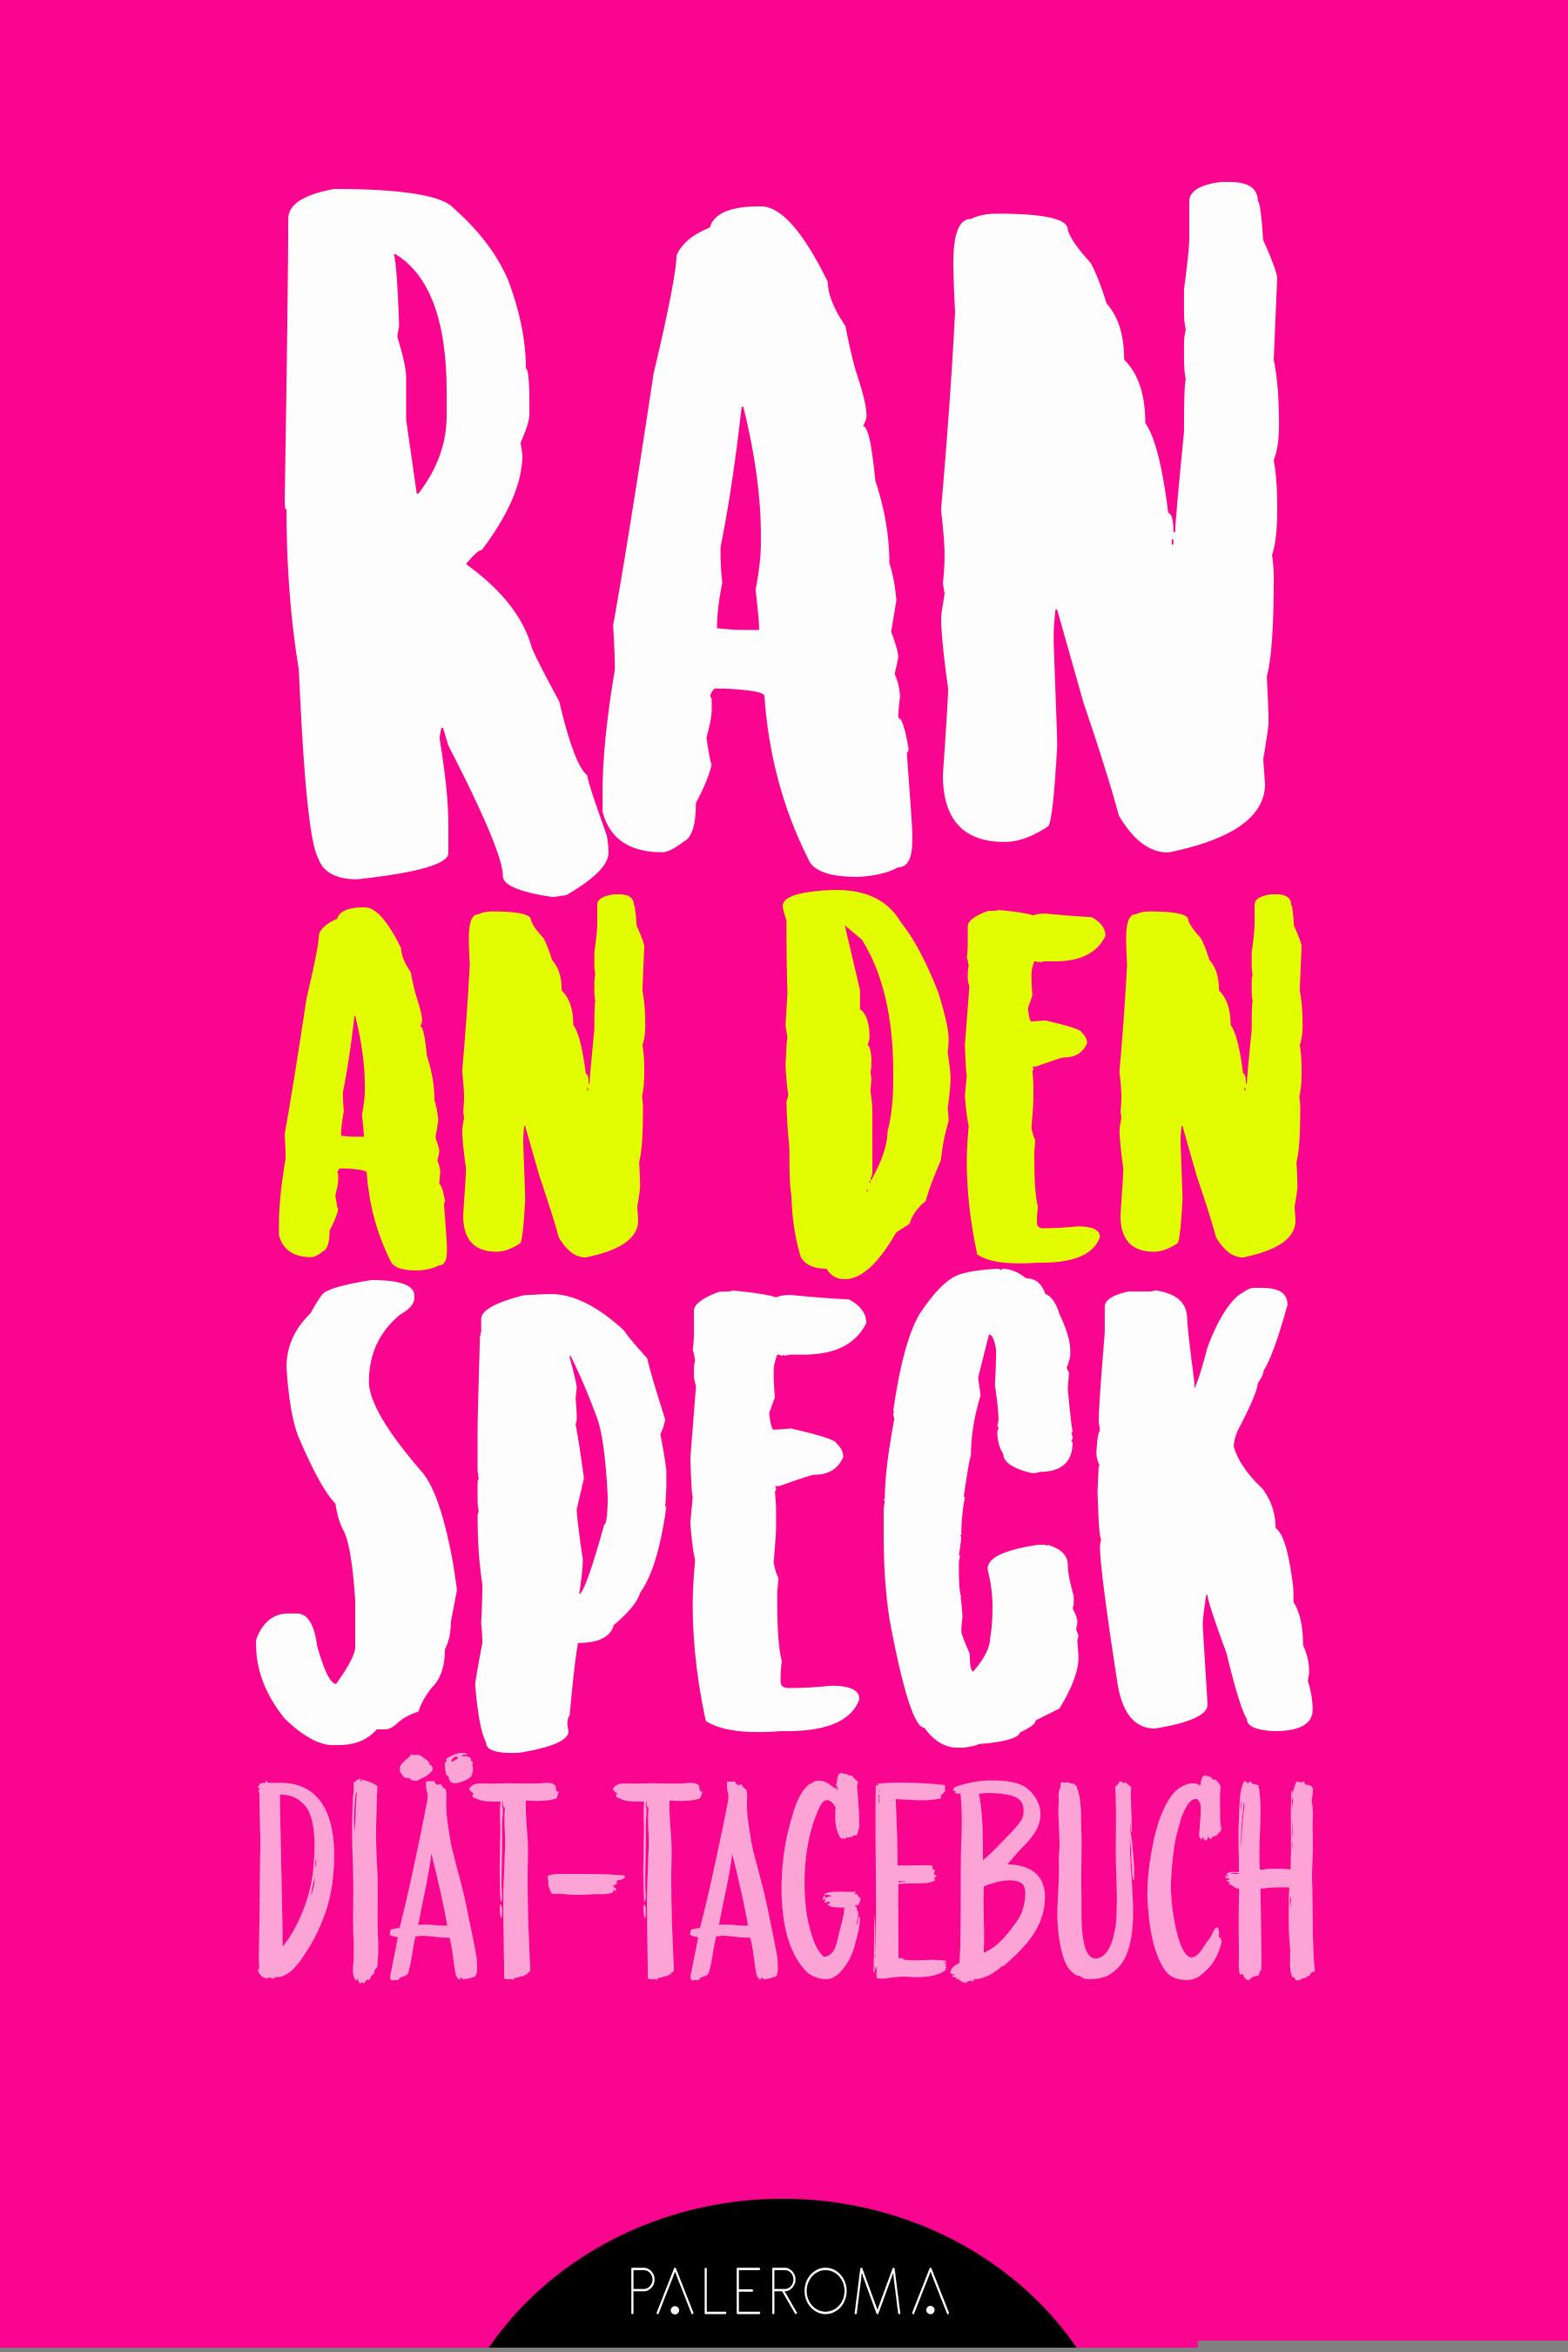 Diat Tagebuch Ran An Den Speck Die 99 Tage Challenge Von Notebooks